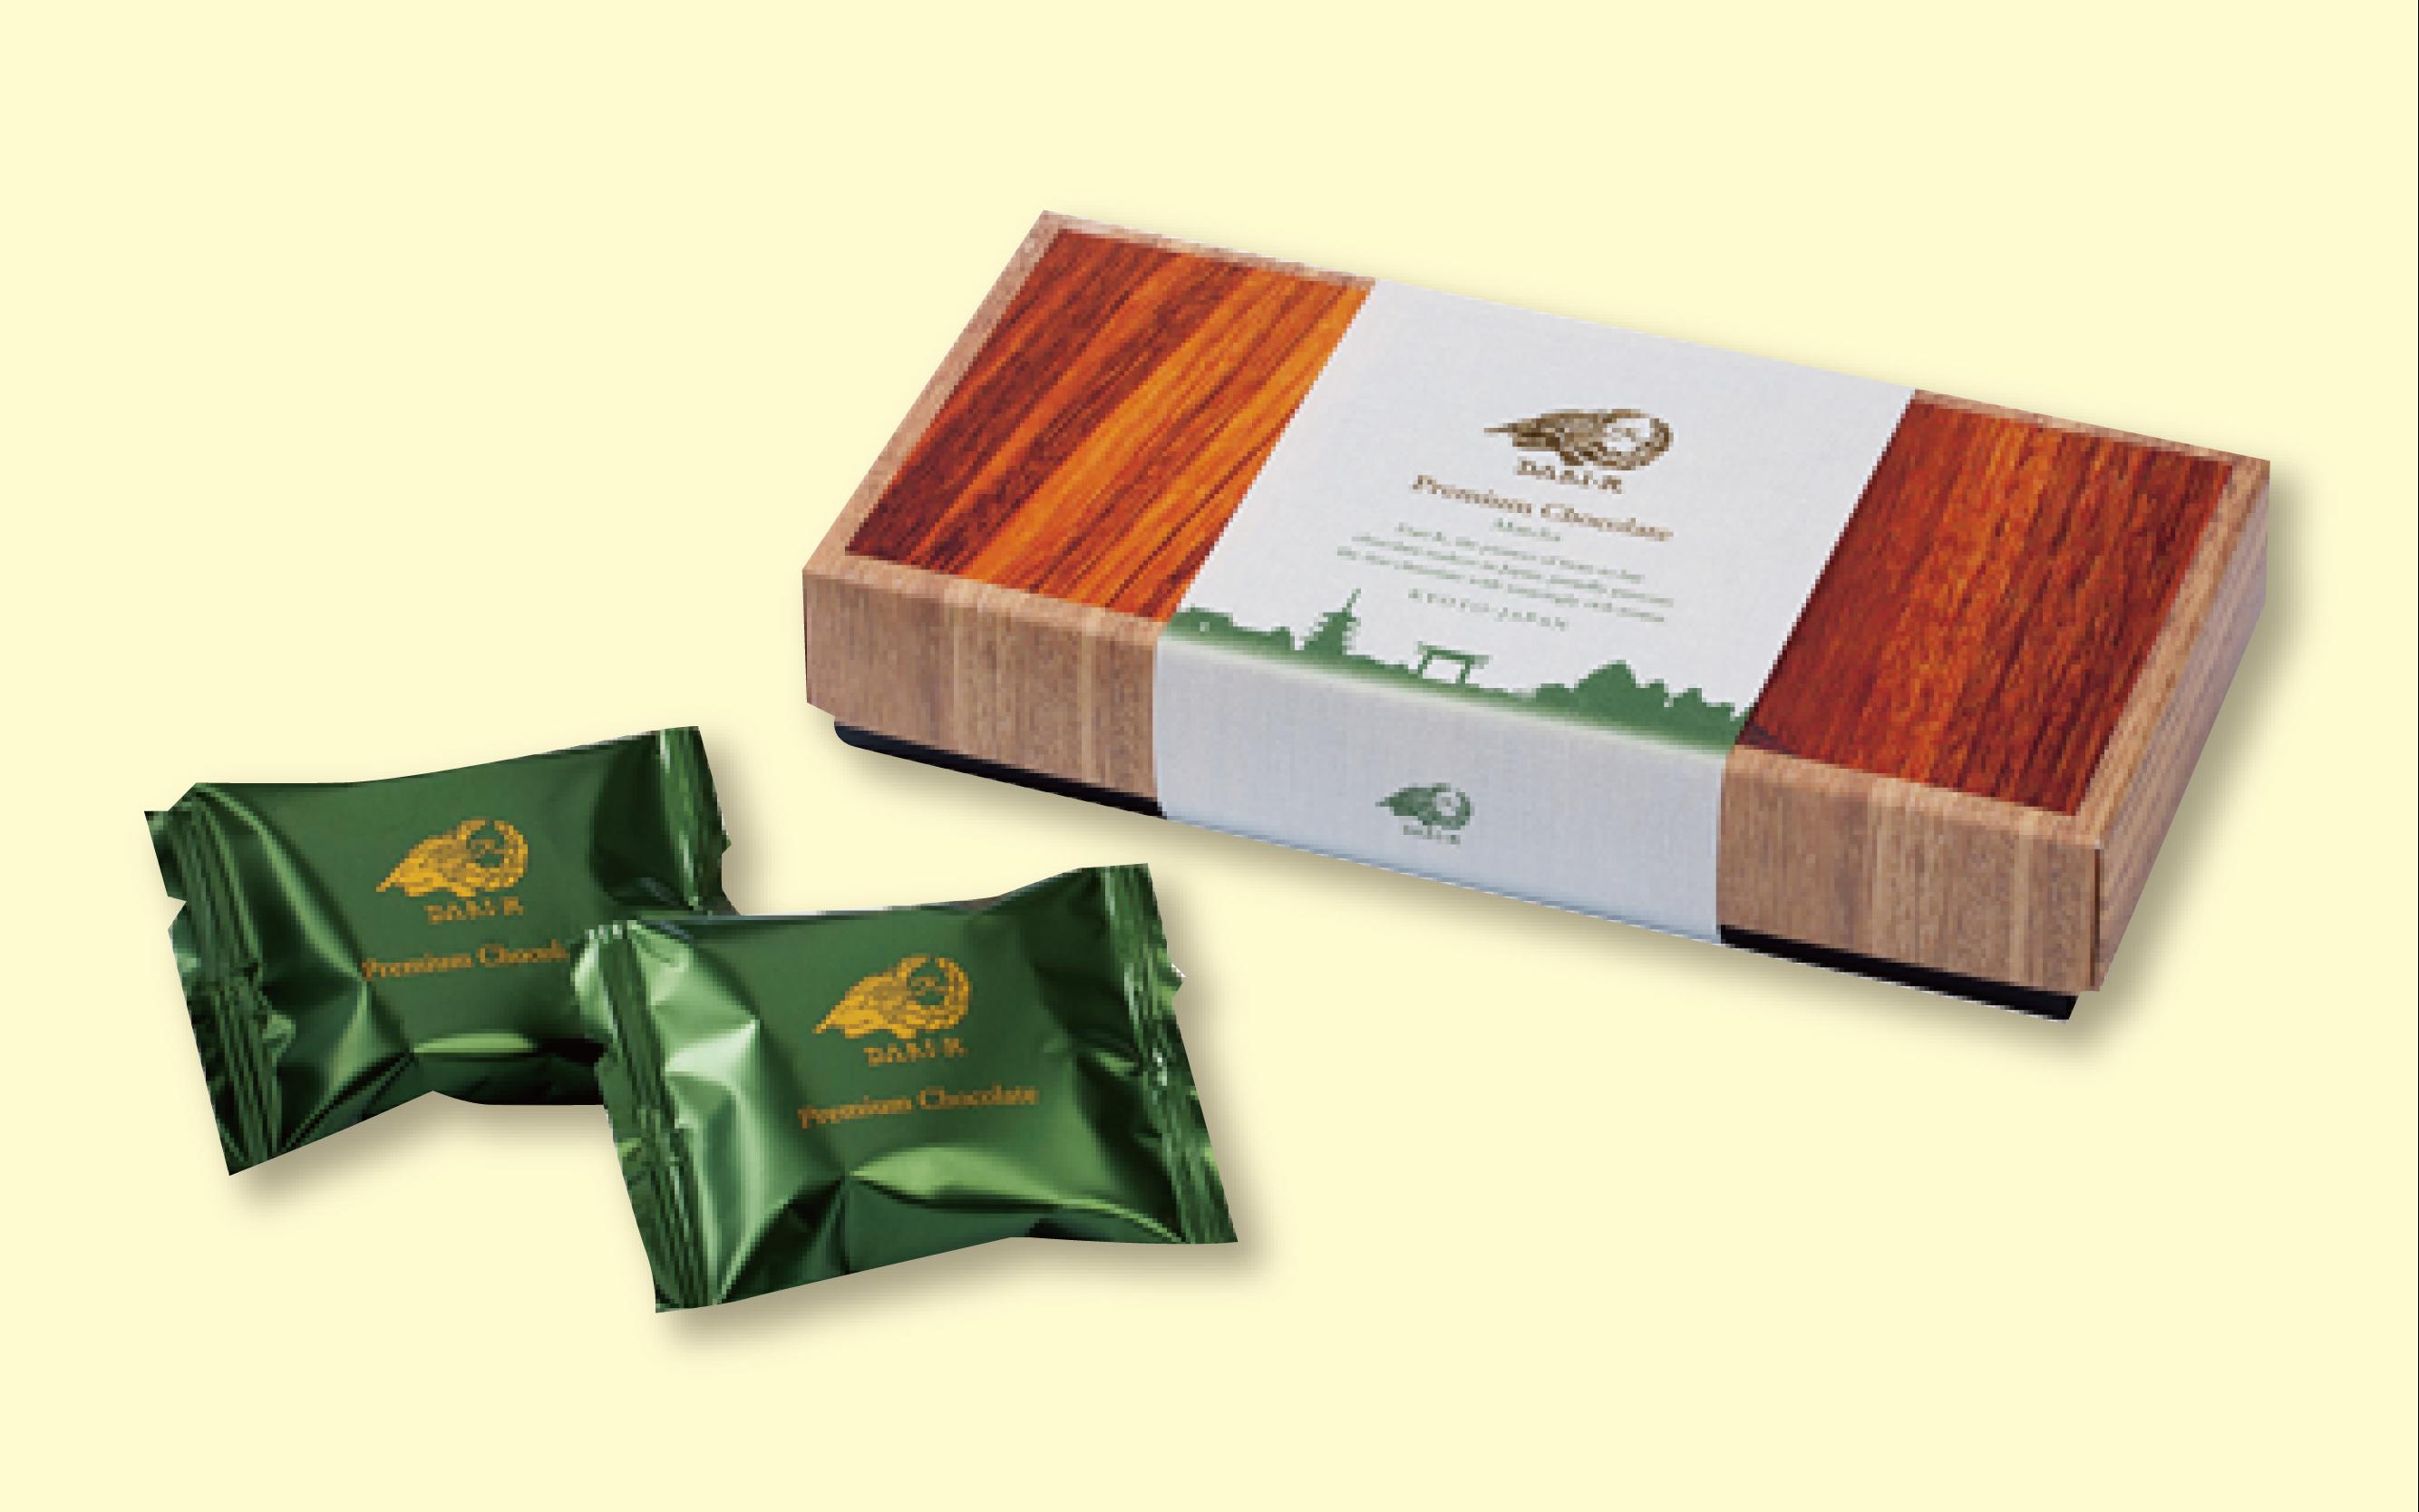 「Matcha」Premium Chocolate 5枚入